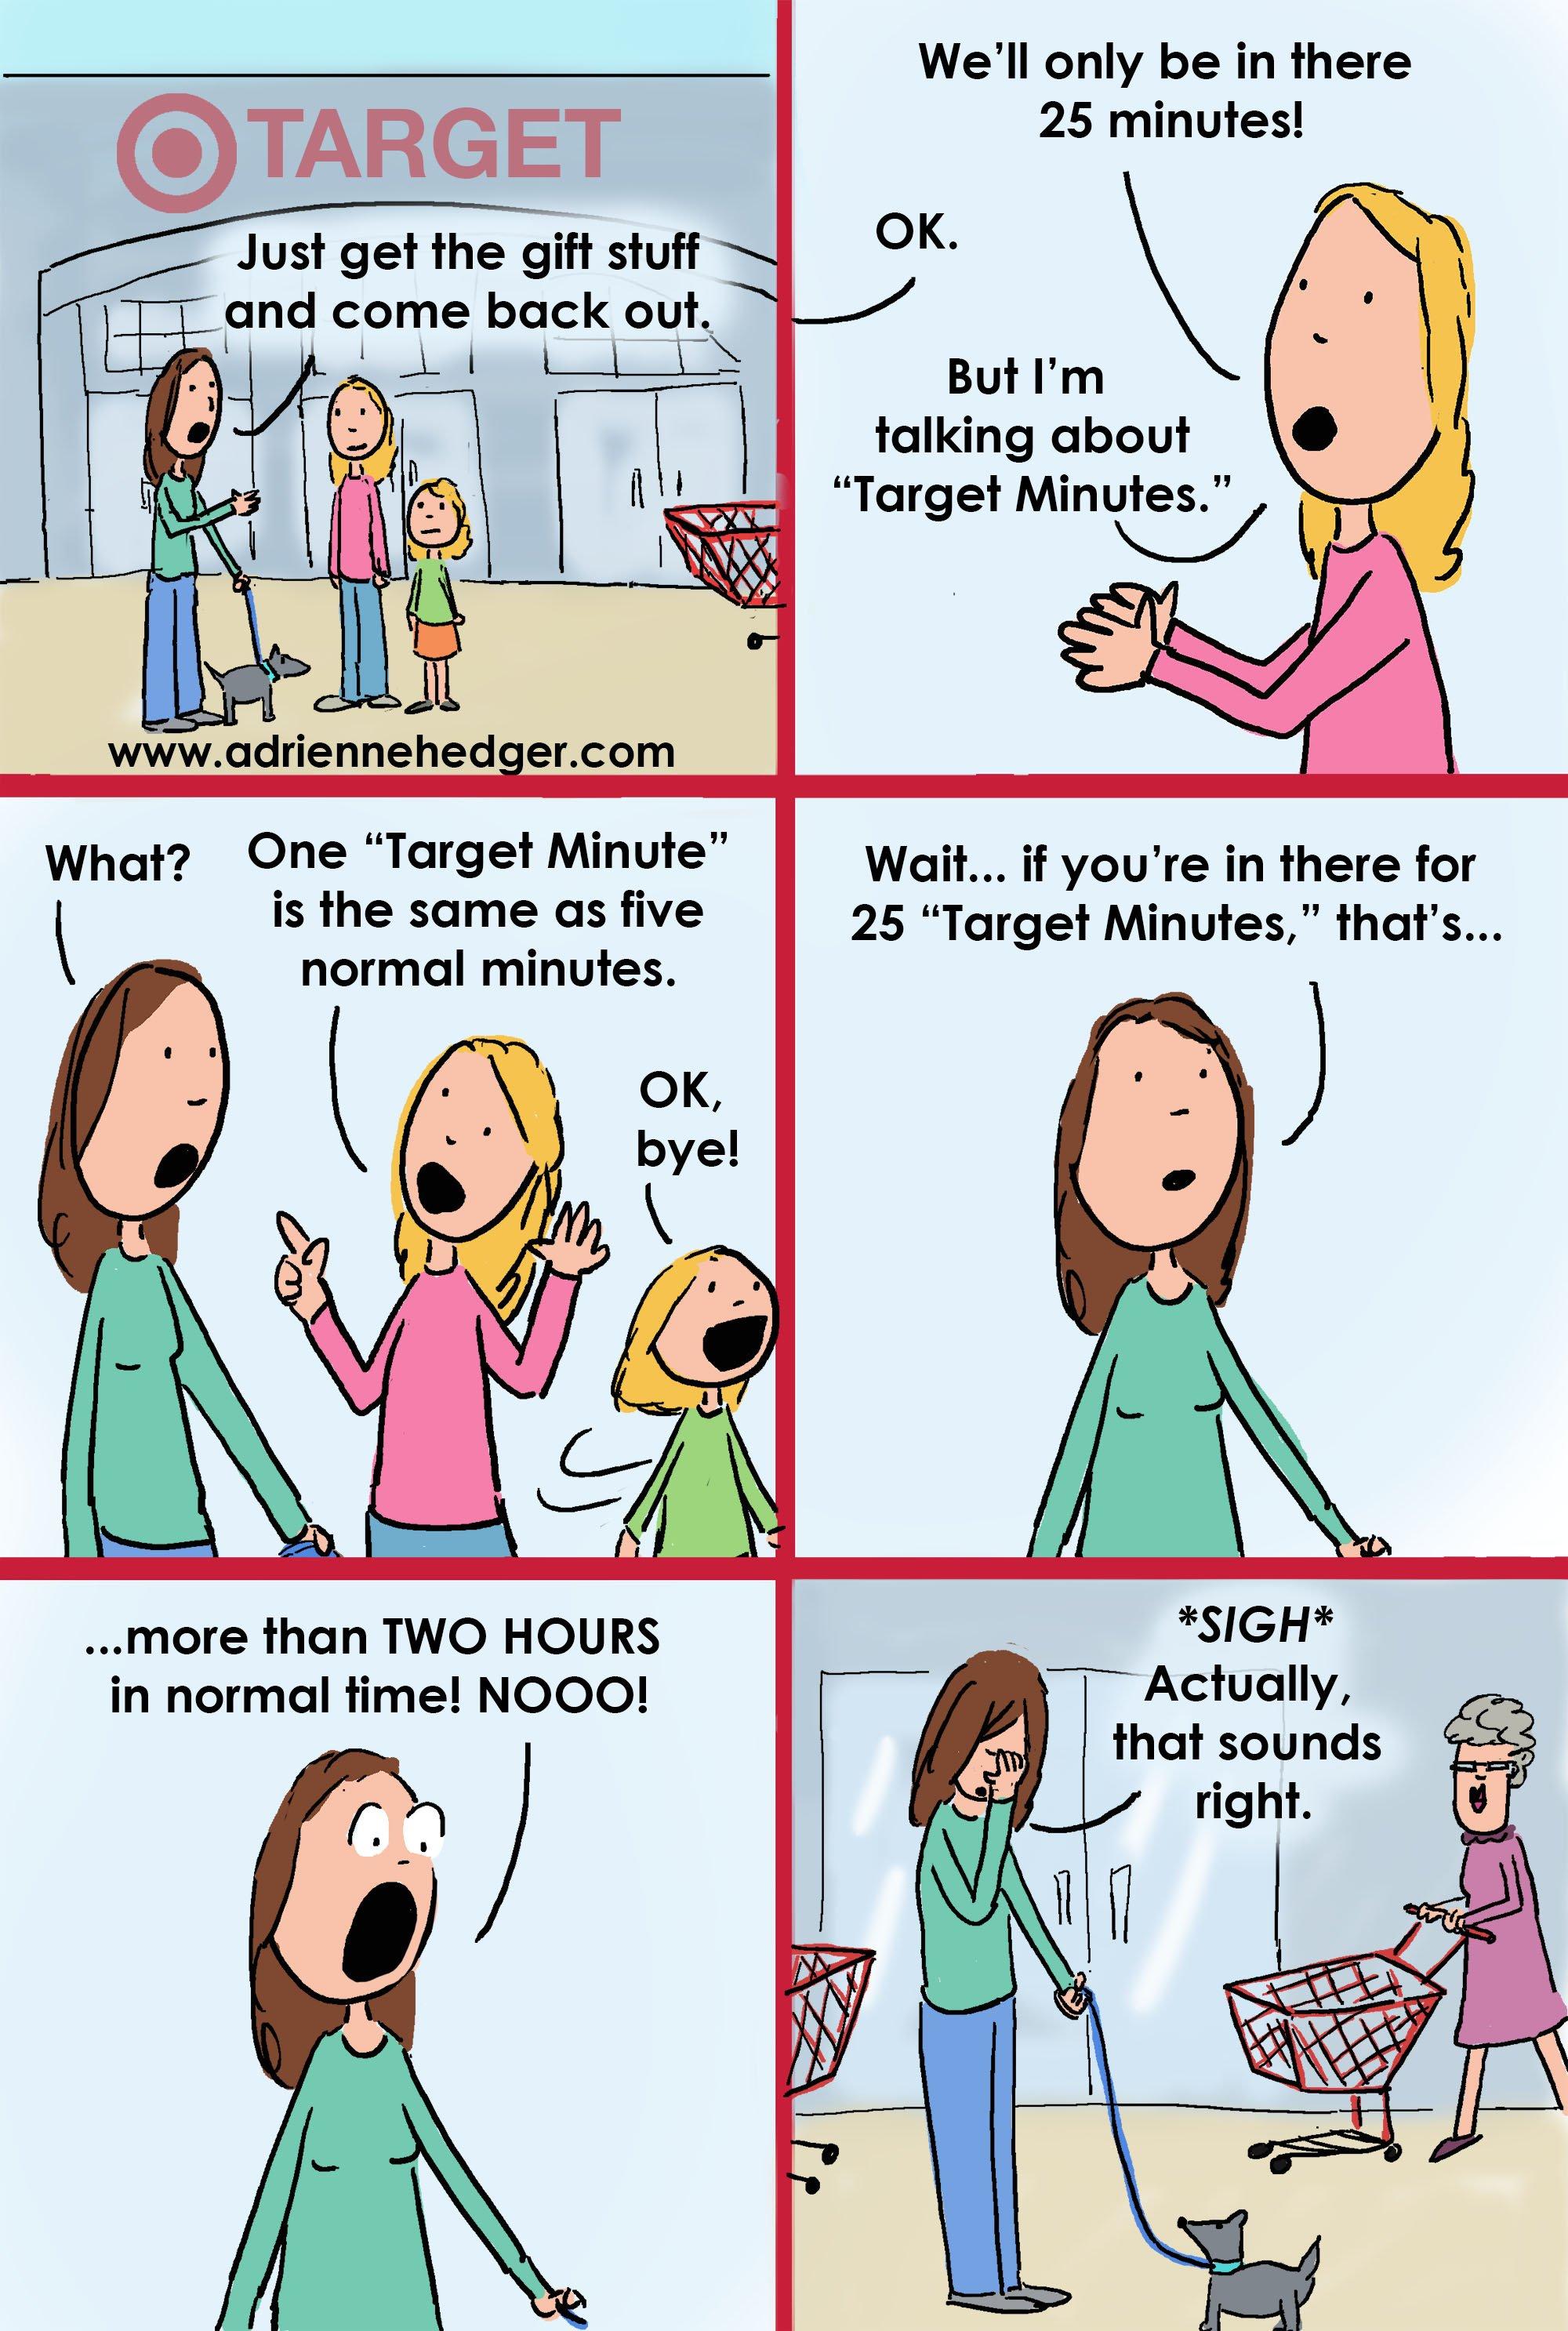 Target Minute